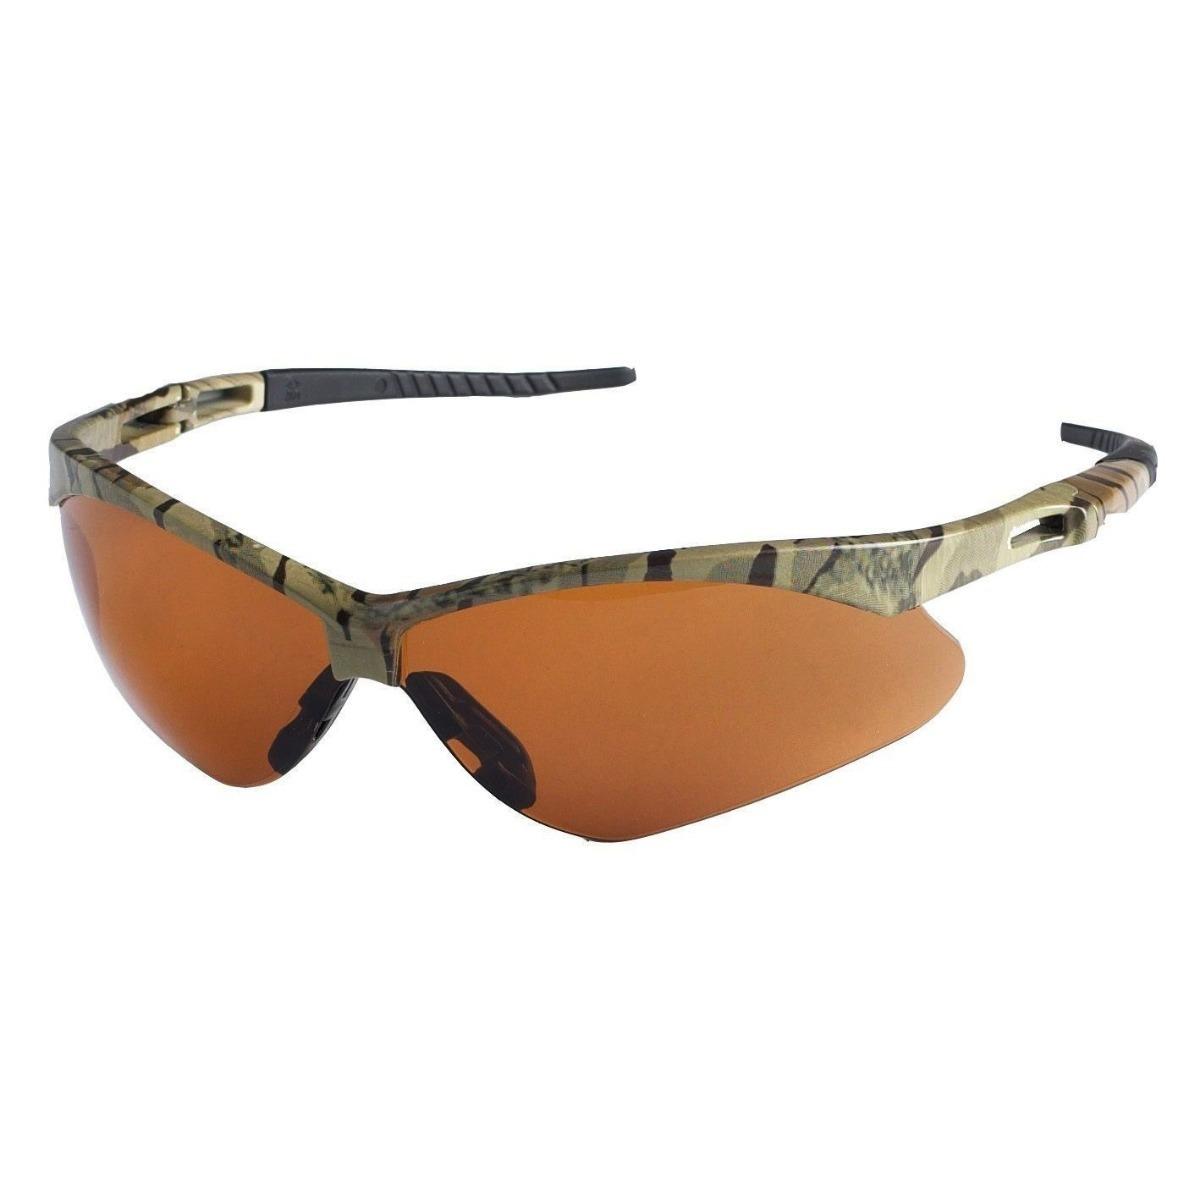 oculos nemesis jackson varios modelos proteção uv ca epi un. Carregando  zoom. 588ea407dc